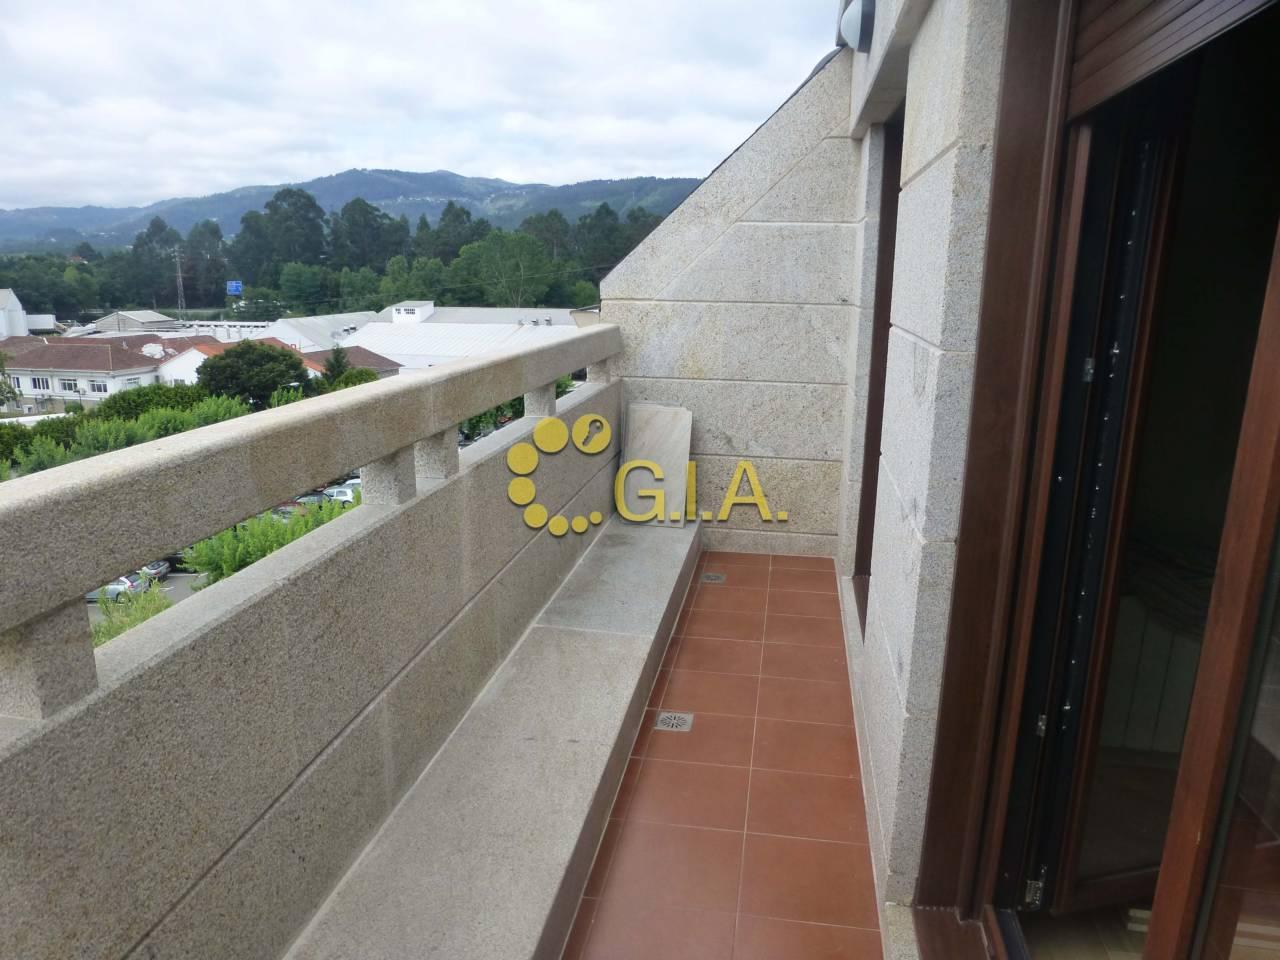 Gia inmobiliaria piso de nueva construcci n en venta en o porri o por 02338 - Pisos de nueva construccion ...